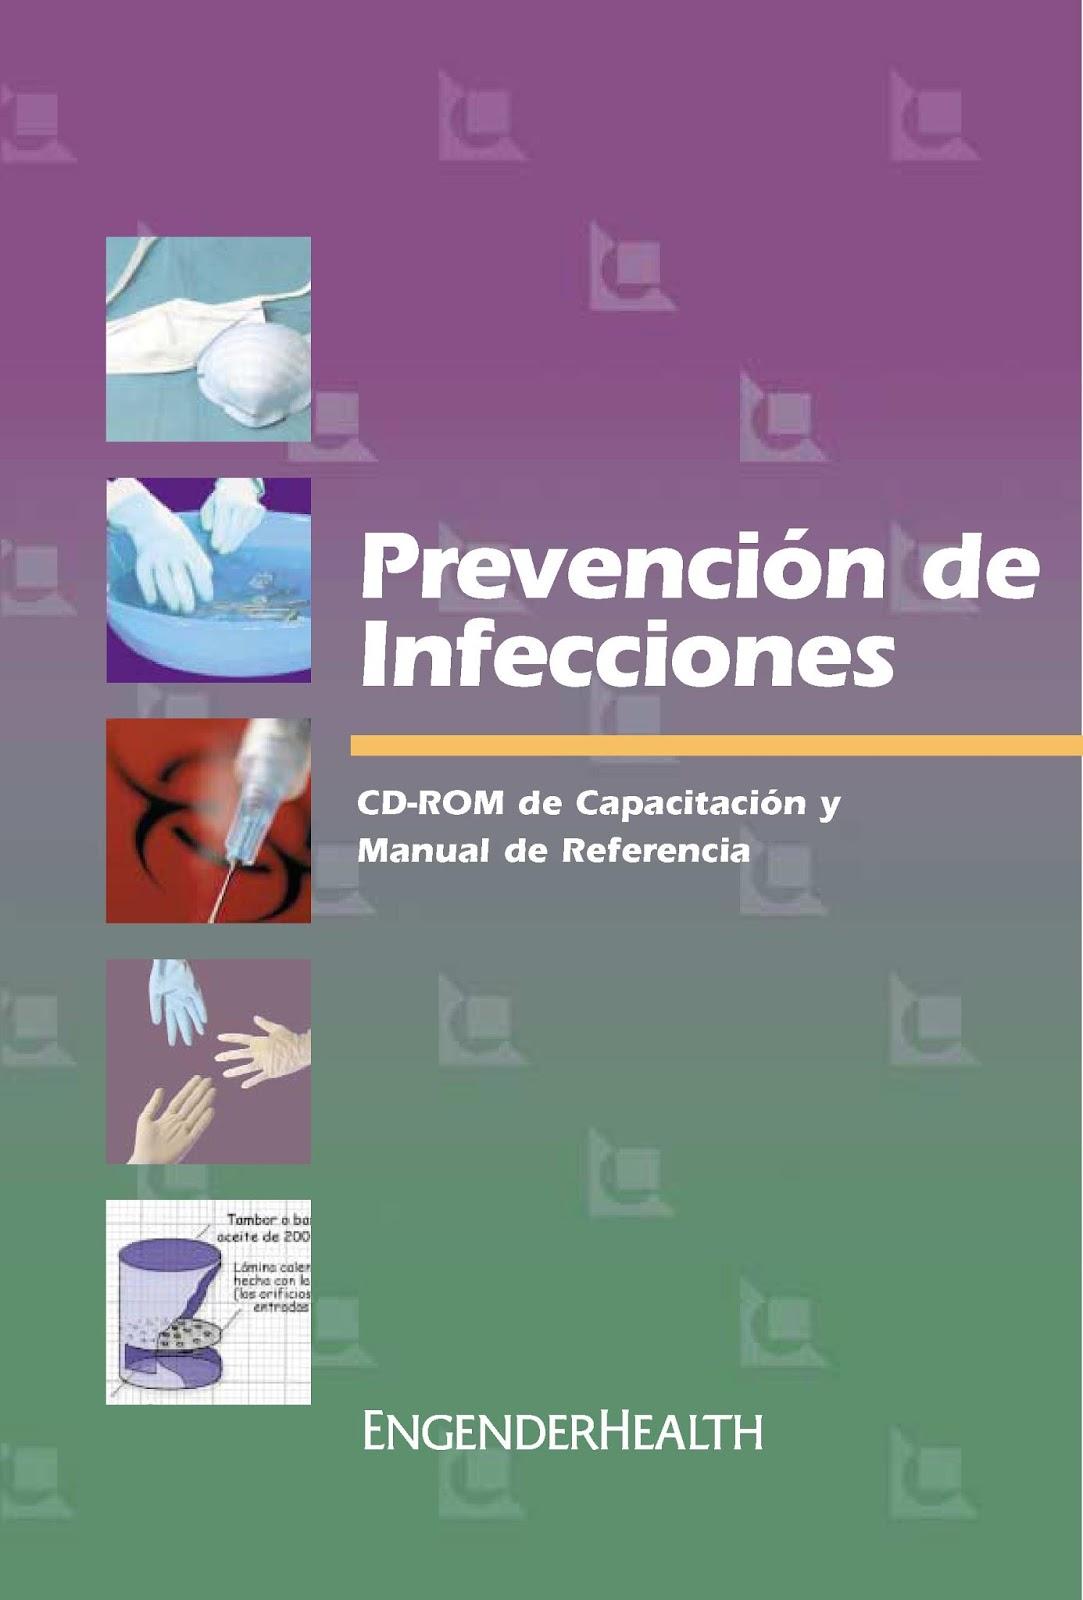 Manual de prevención de infecciones – ENGENDERHEALTH